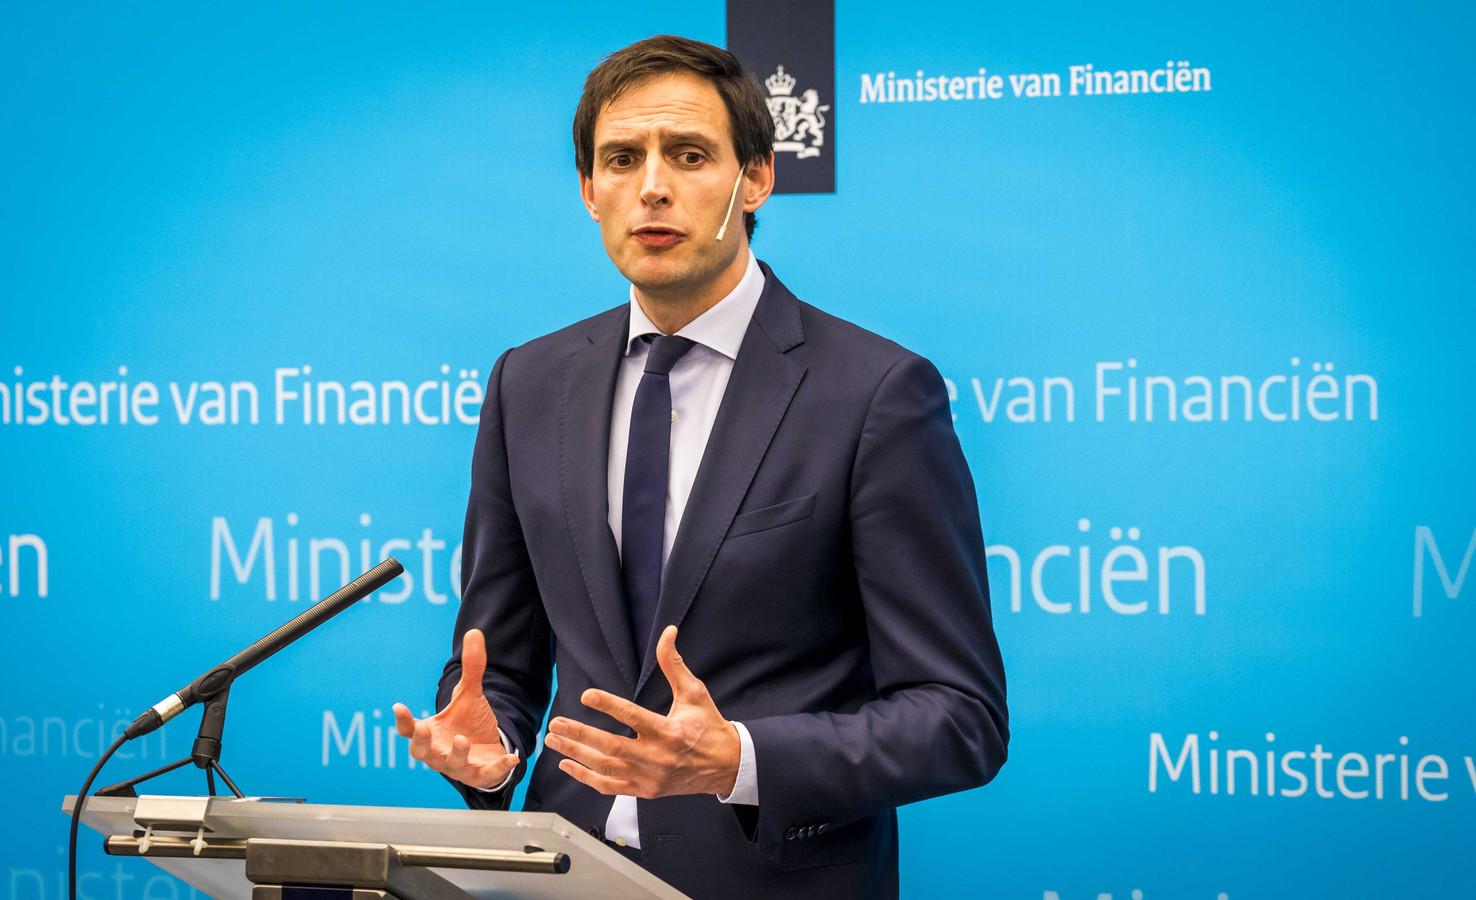 Minister Wopke Hoekstra van Financiën bij de persconferentie waar hij vorig jaar februari bekend maakte dat de Nederlandse staat een belang heeft genomen in de holding Air France/KLM.